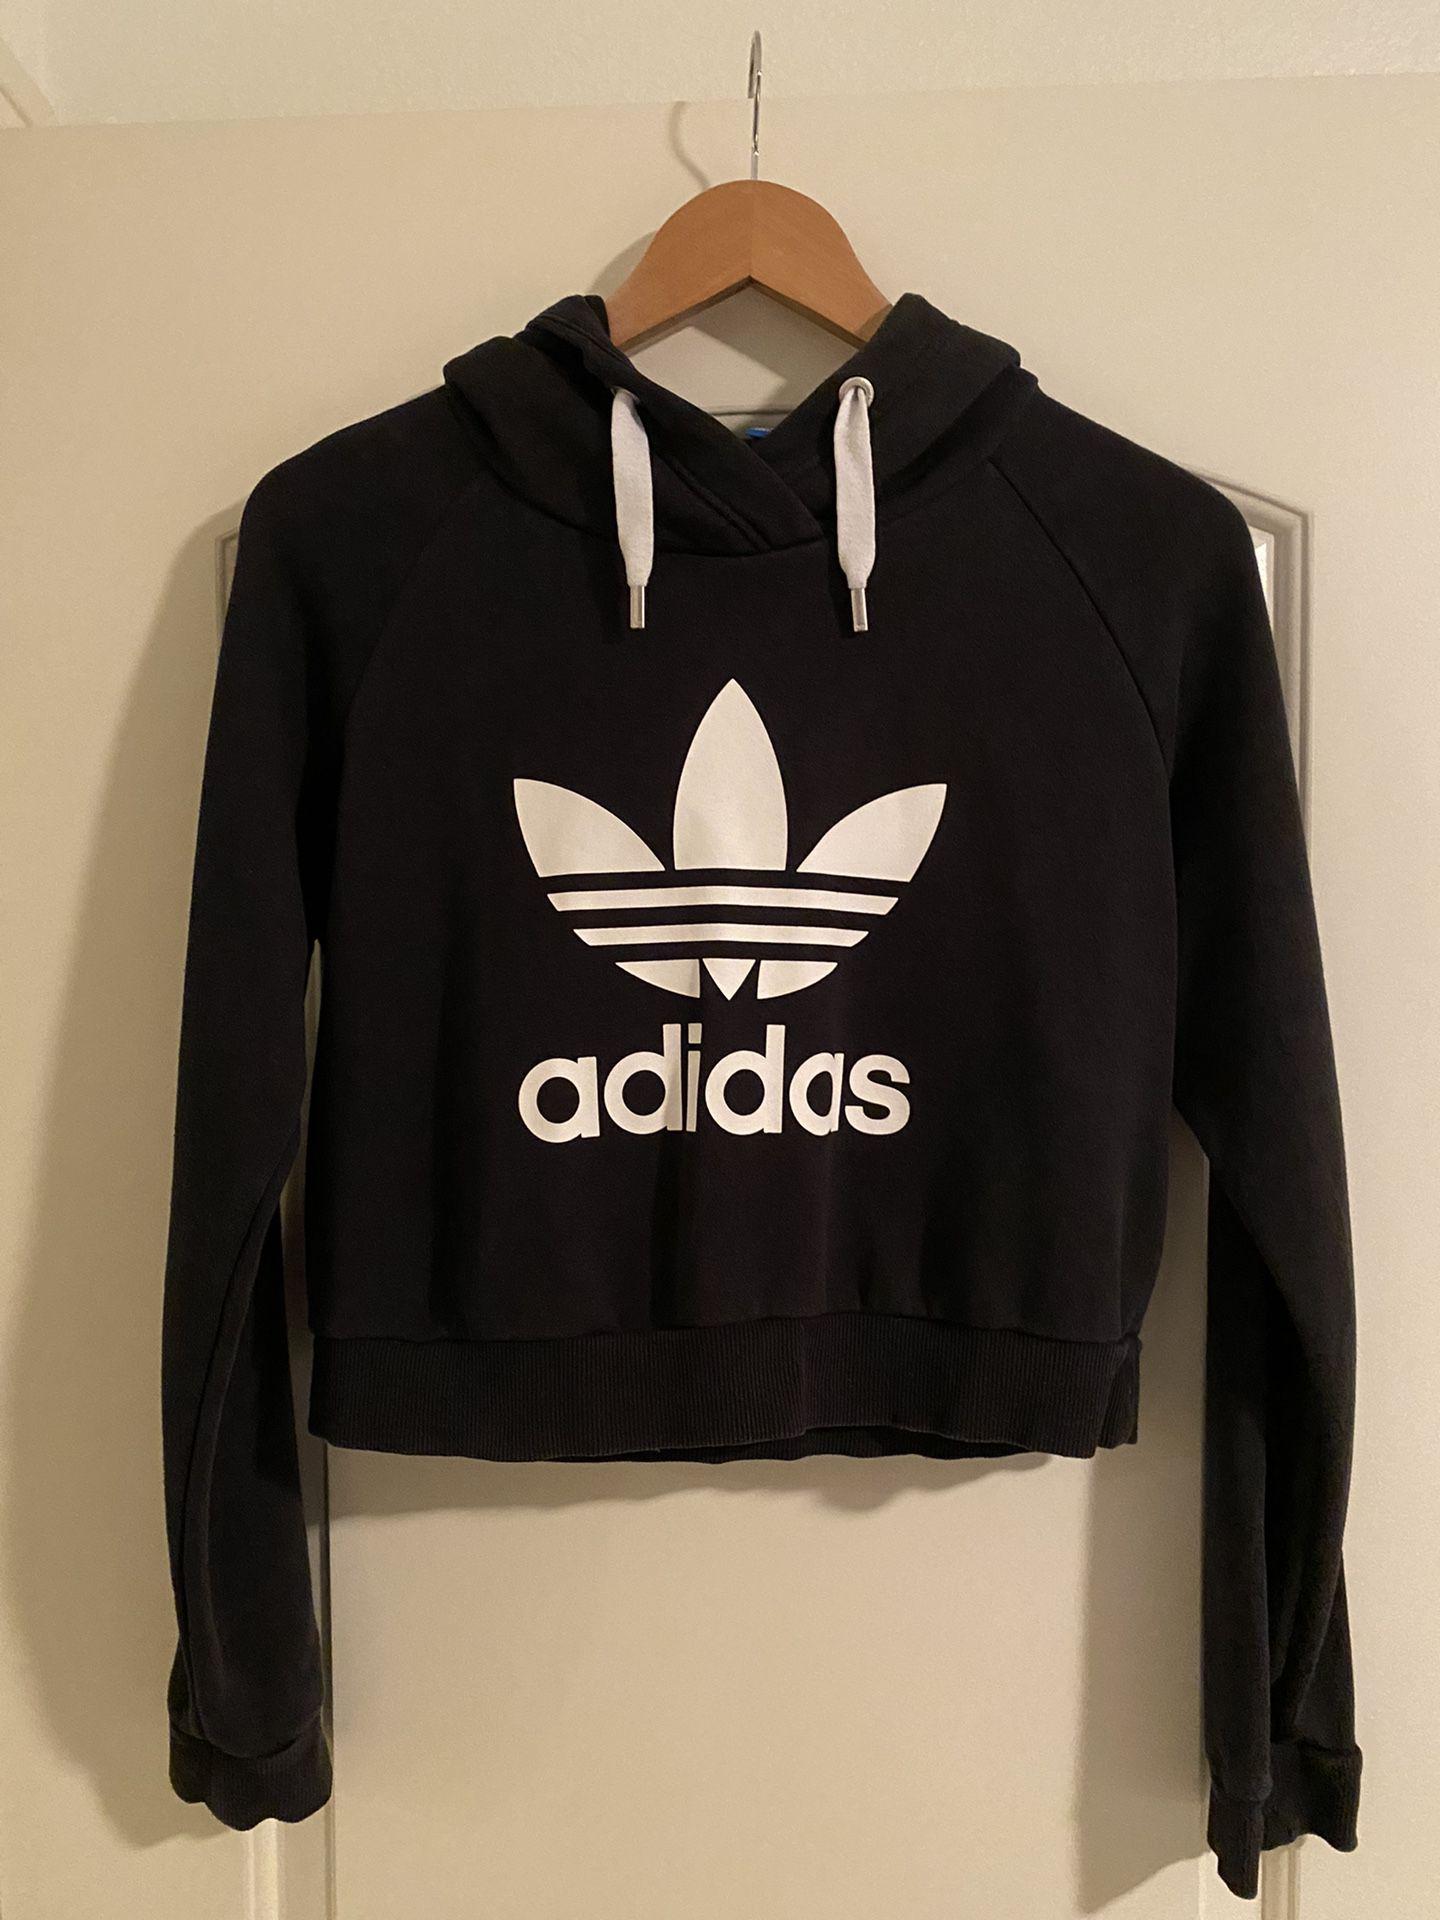 Cropped Adidas Black Sweatshirt / Hoodie